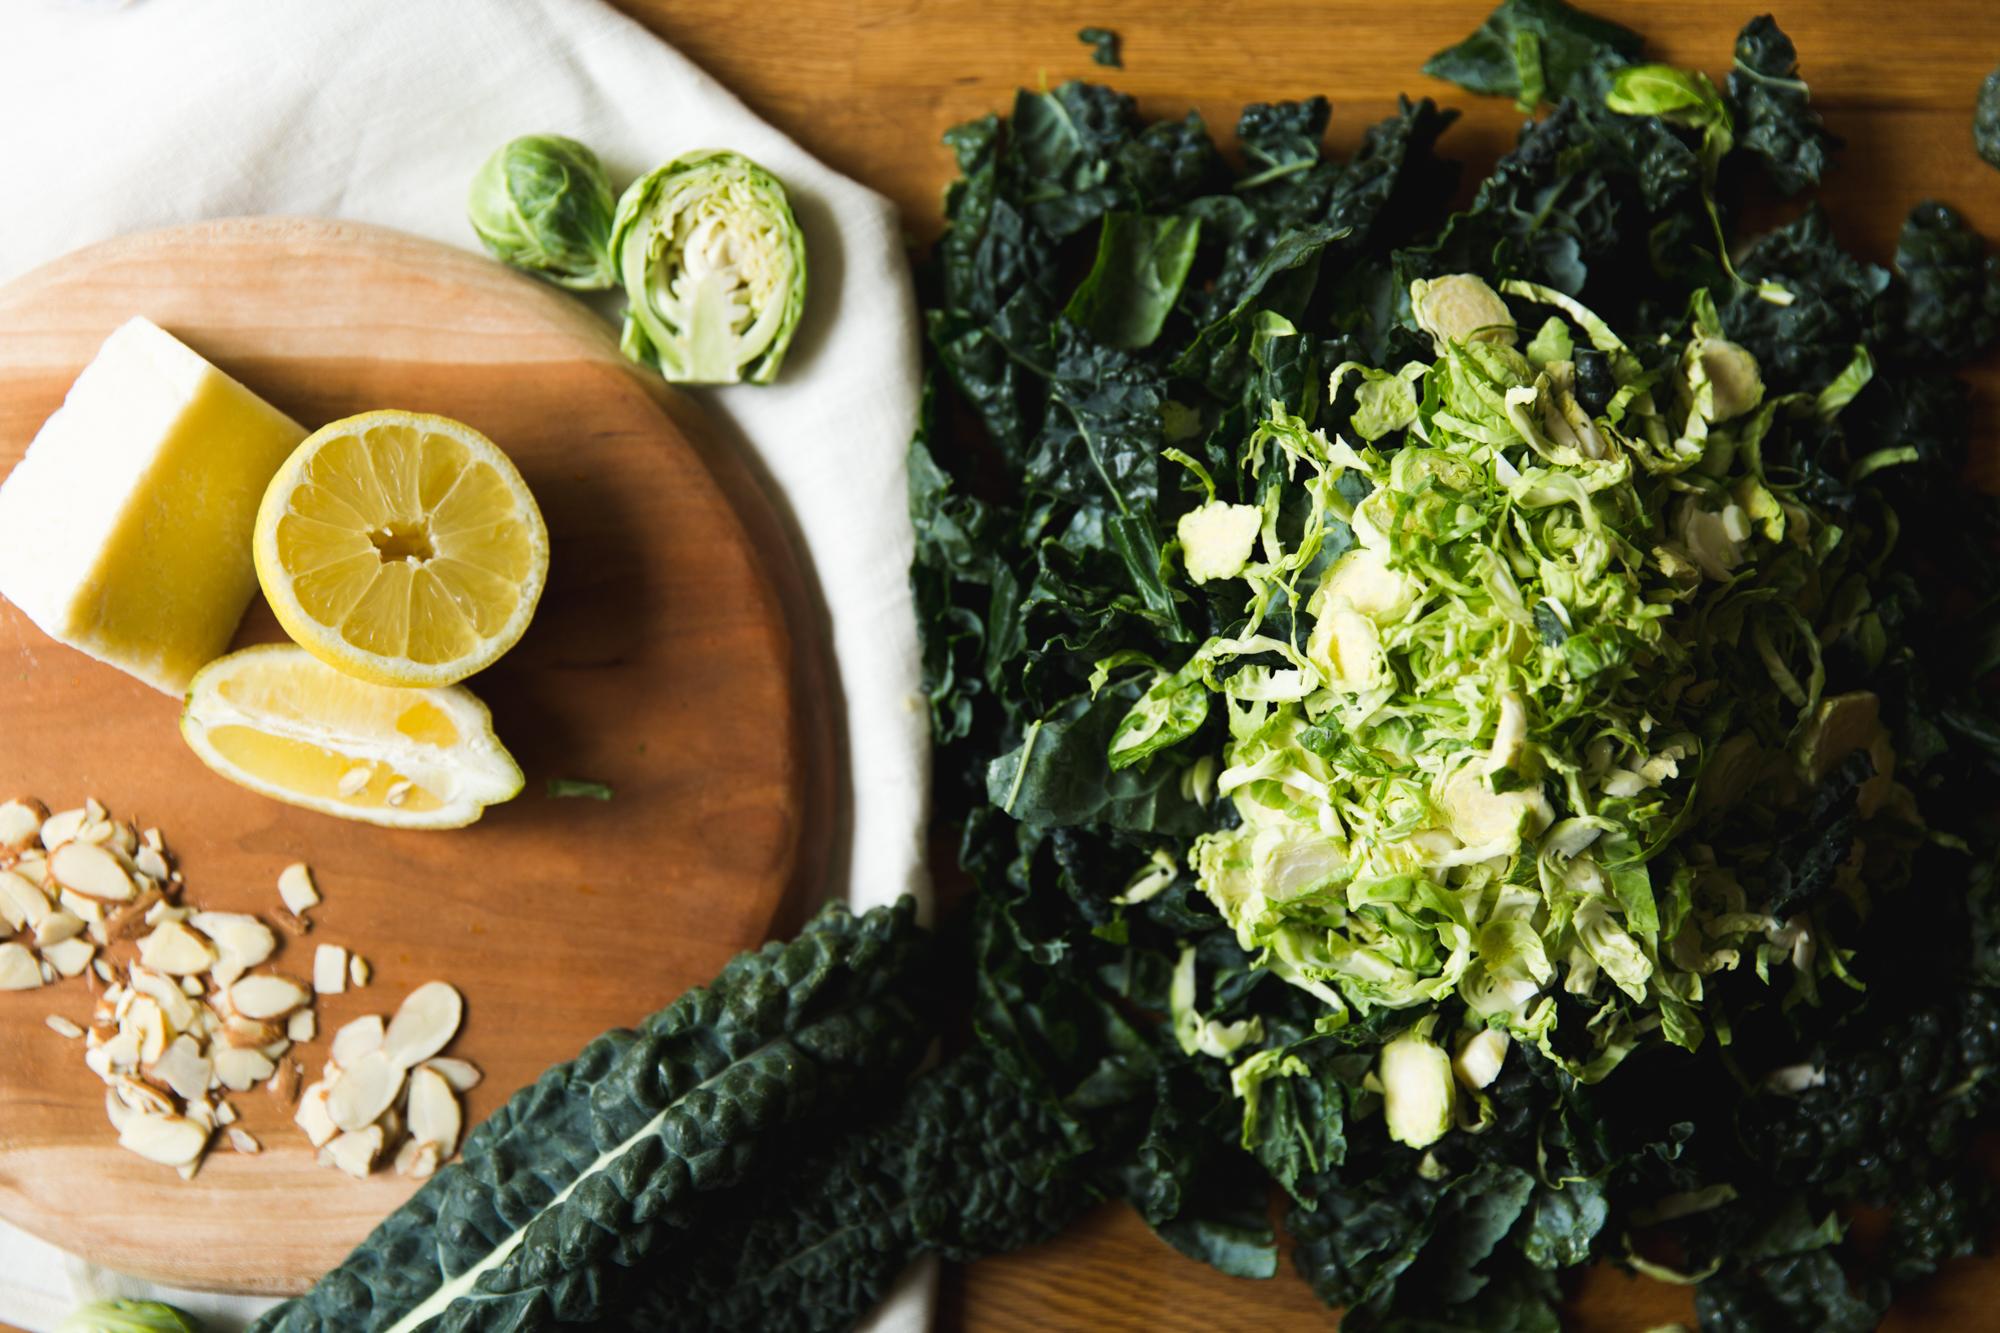 citurs kale salad recipe6.jpg